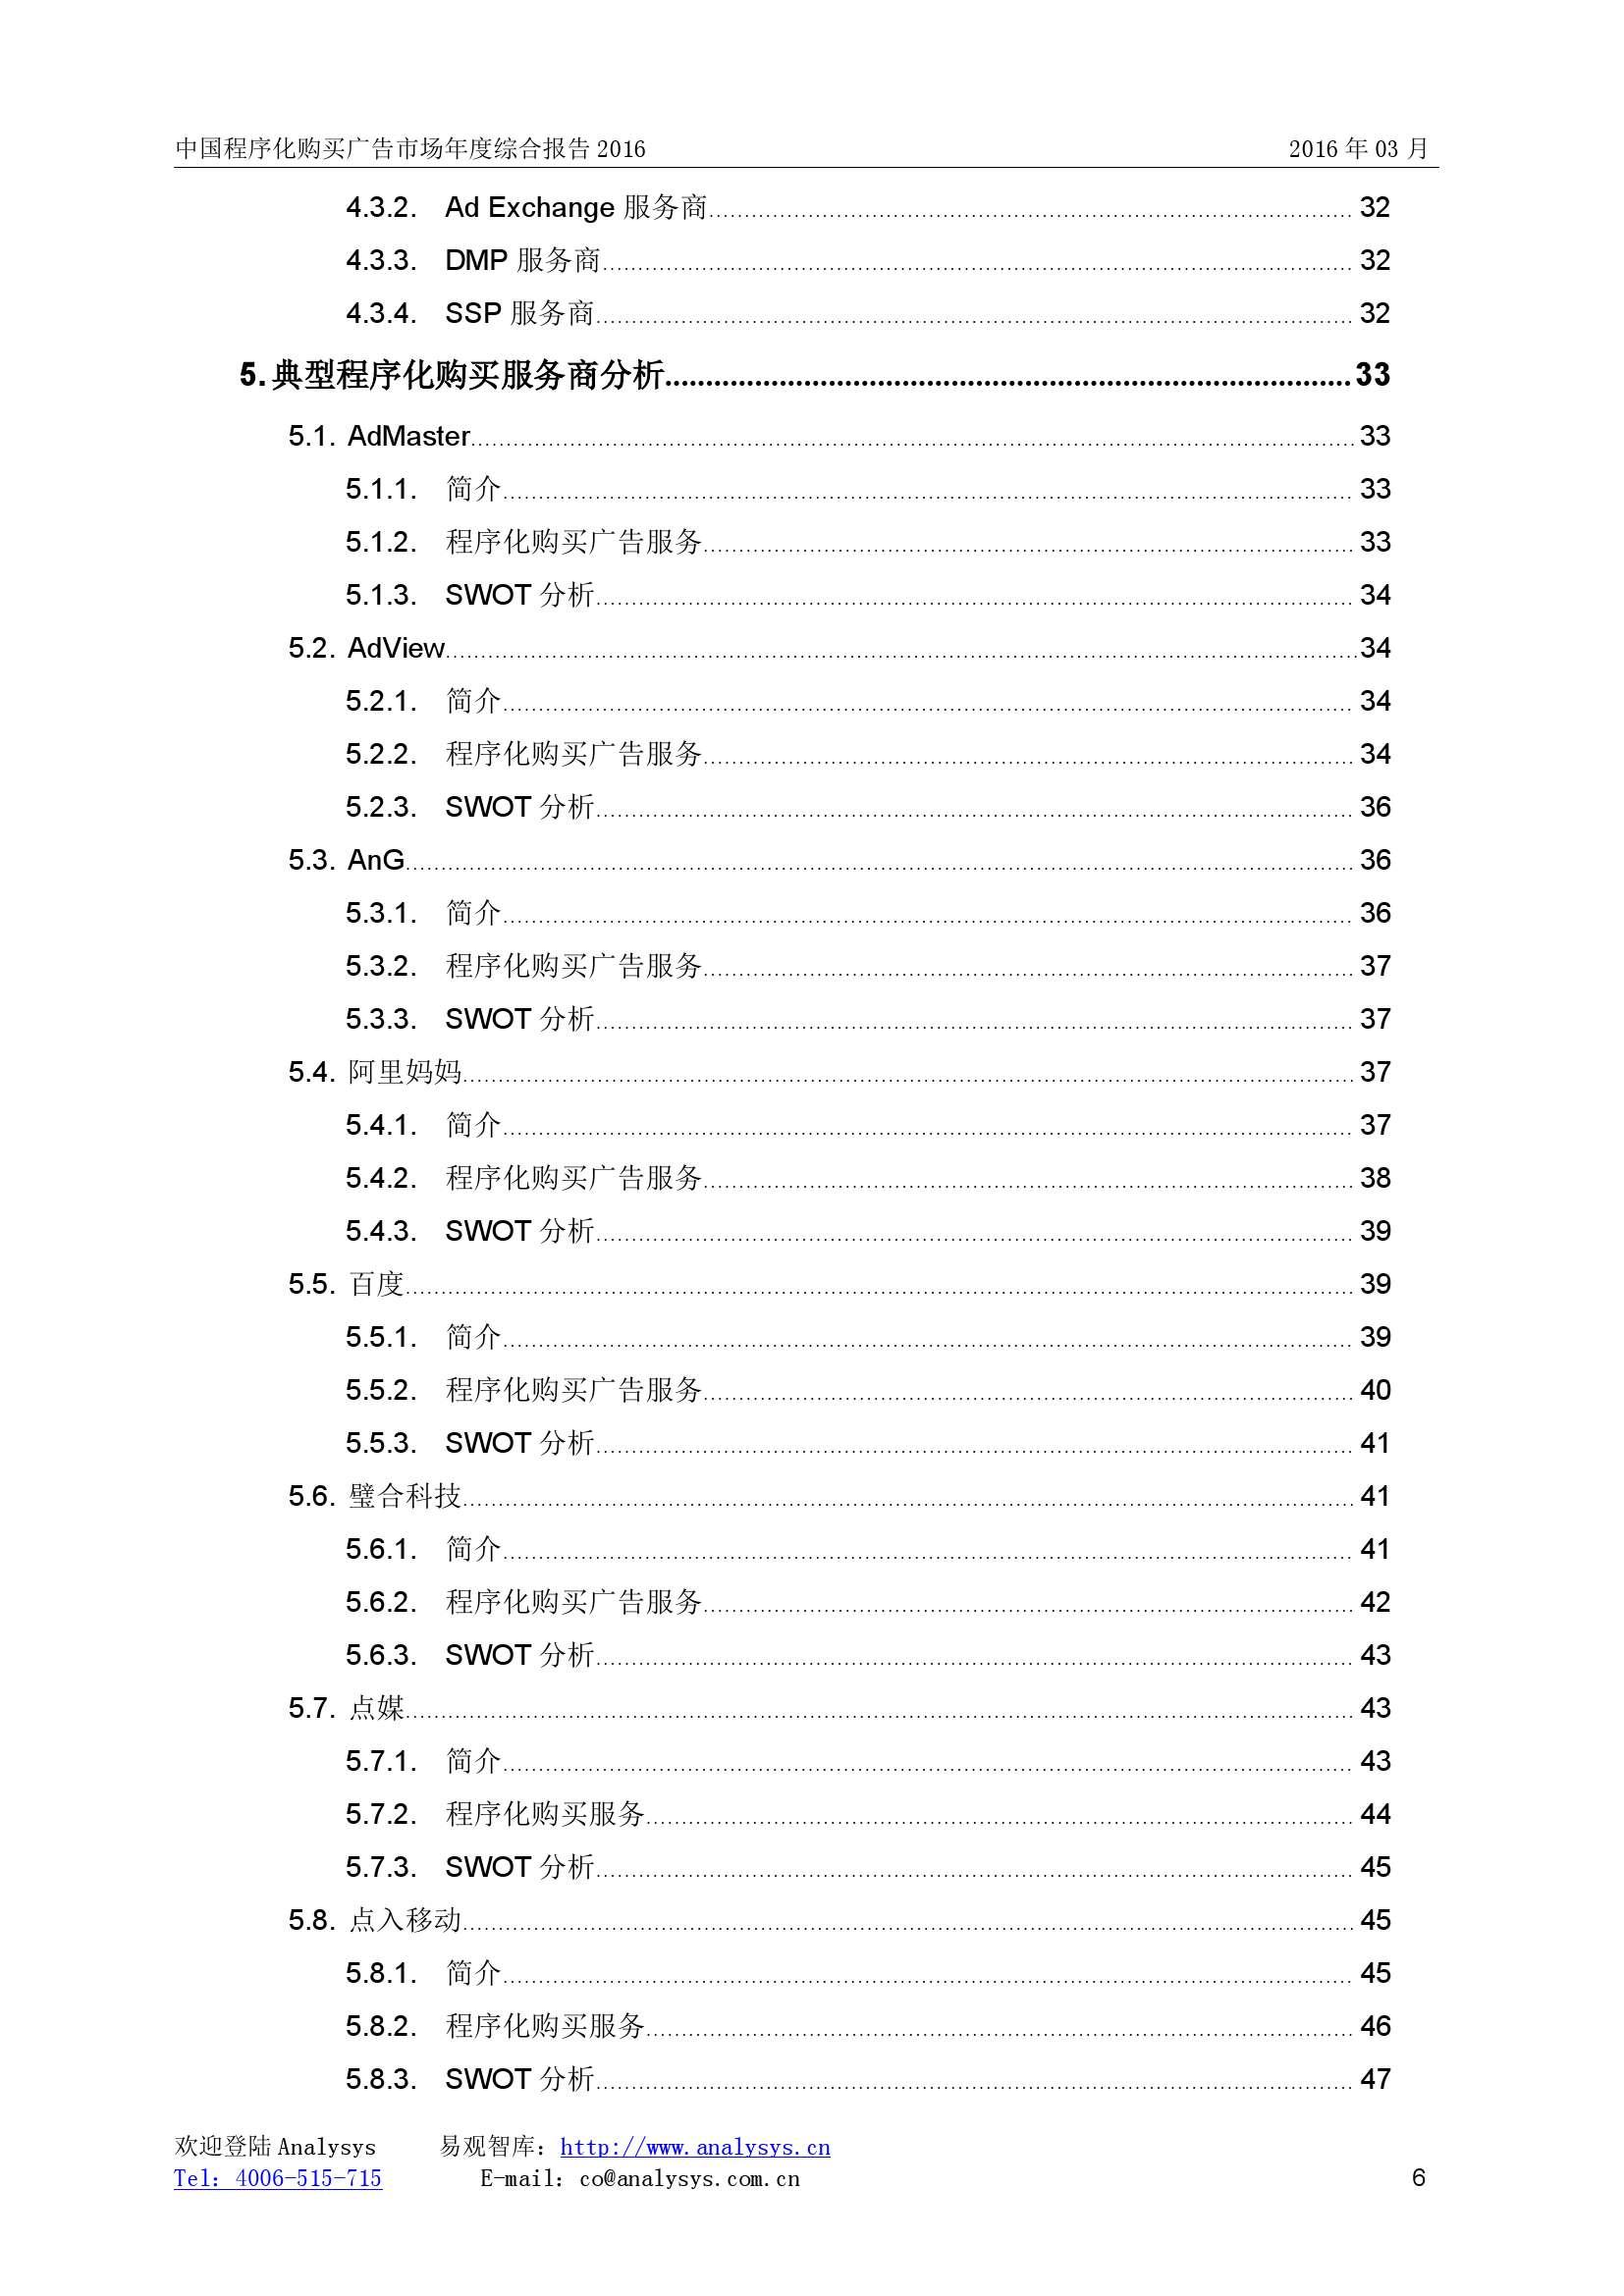 中国程序化购买广告市场年度综合报告2016_000006